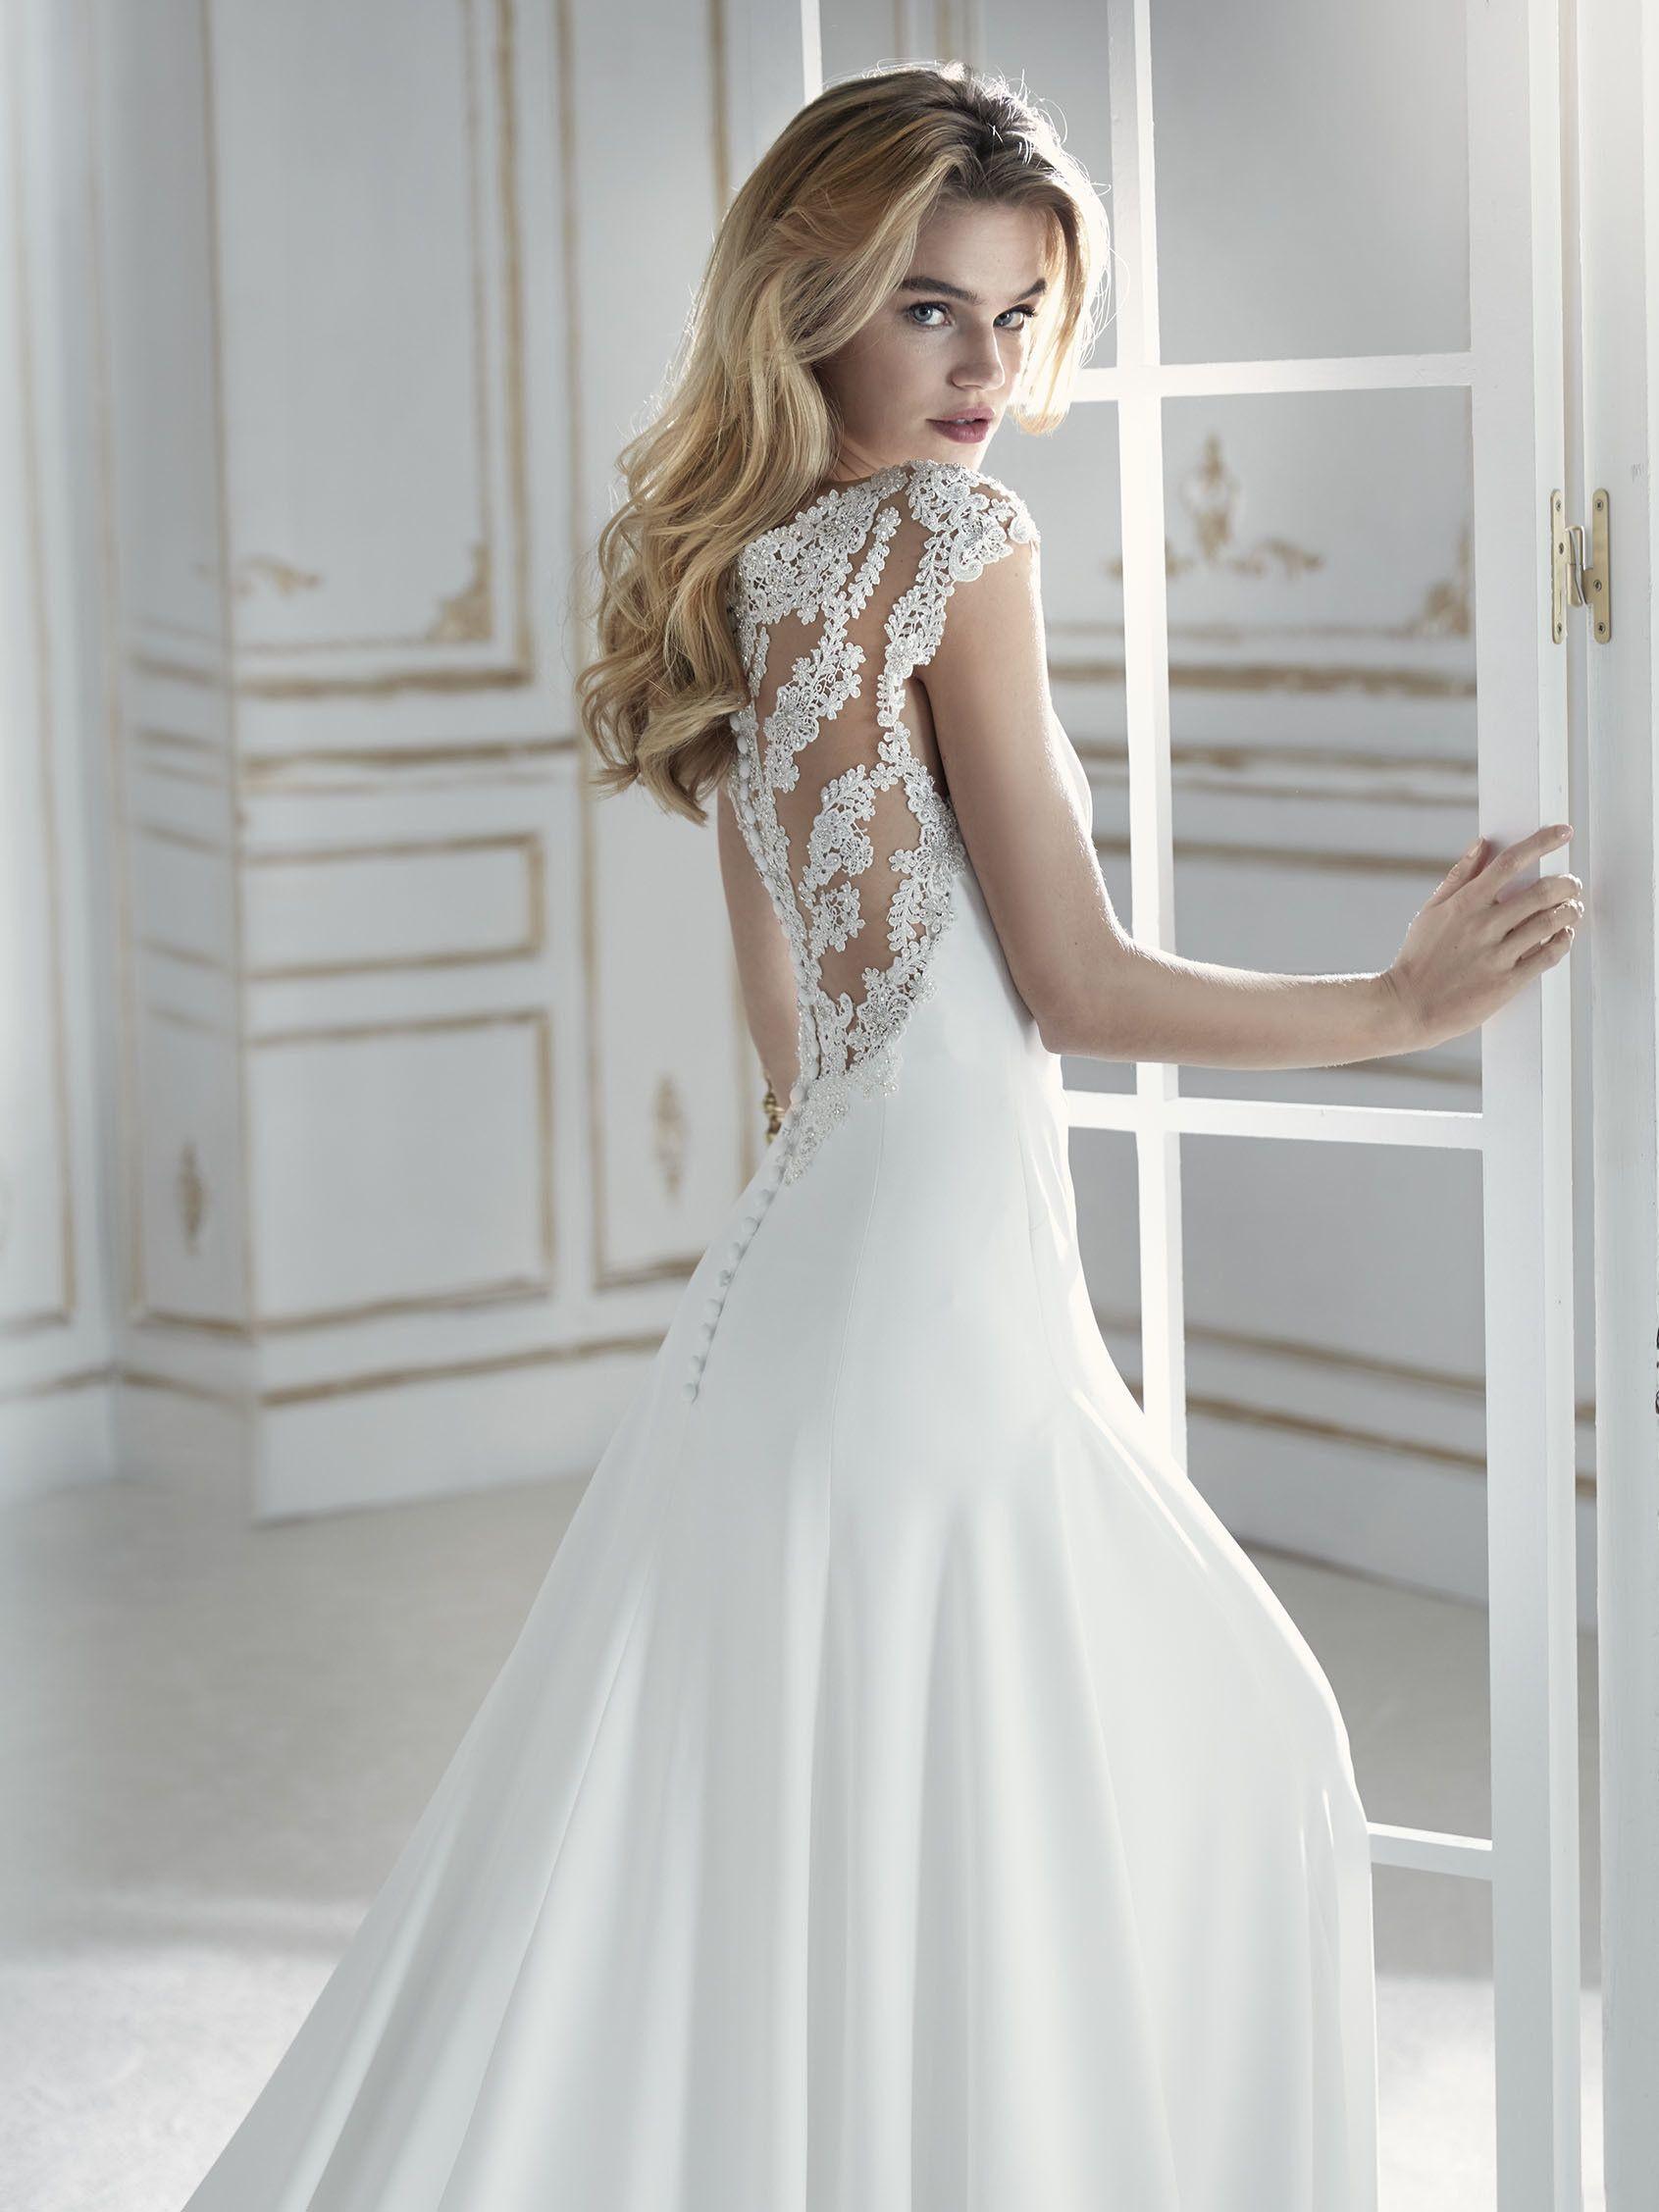 Trouwjurk Strak.La Sposa Wedding Dress Trouwjurk Bruidsjurk Taft Tule